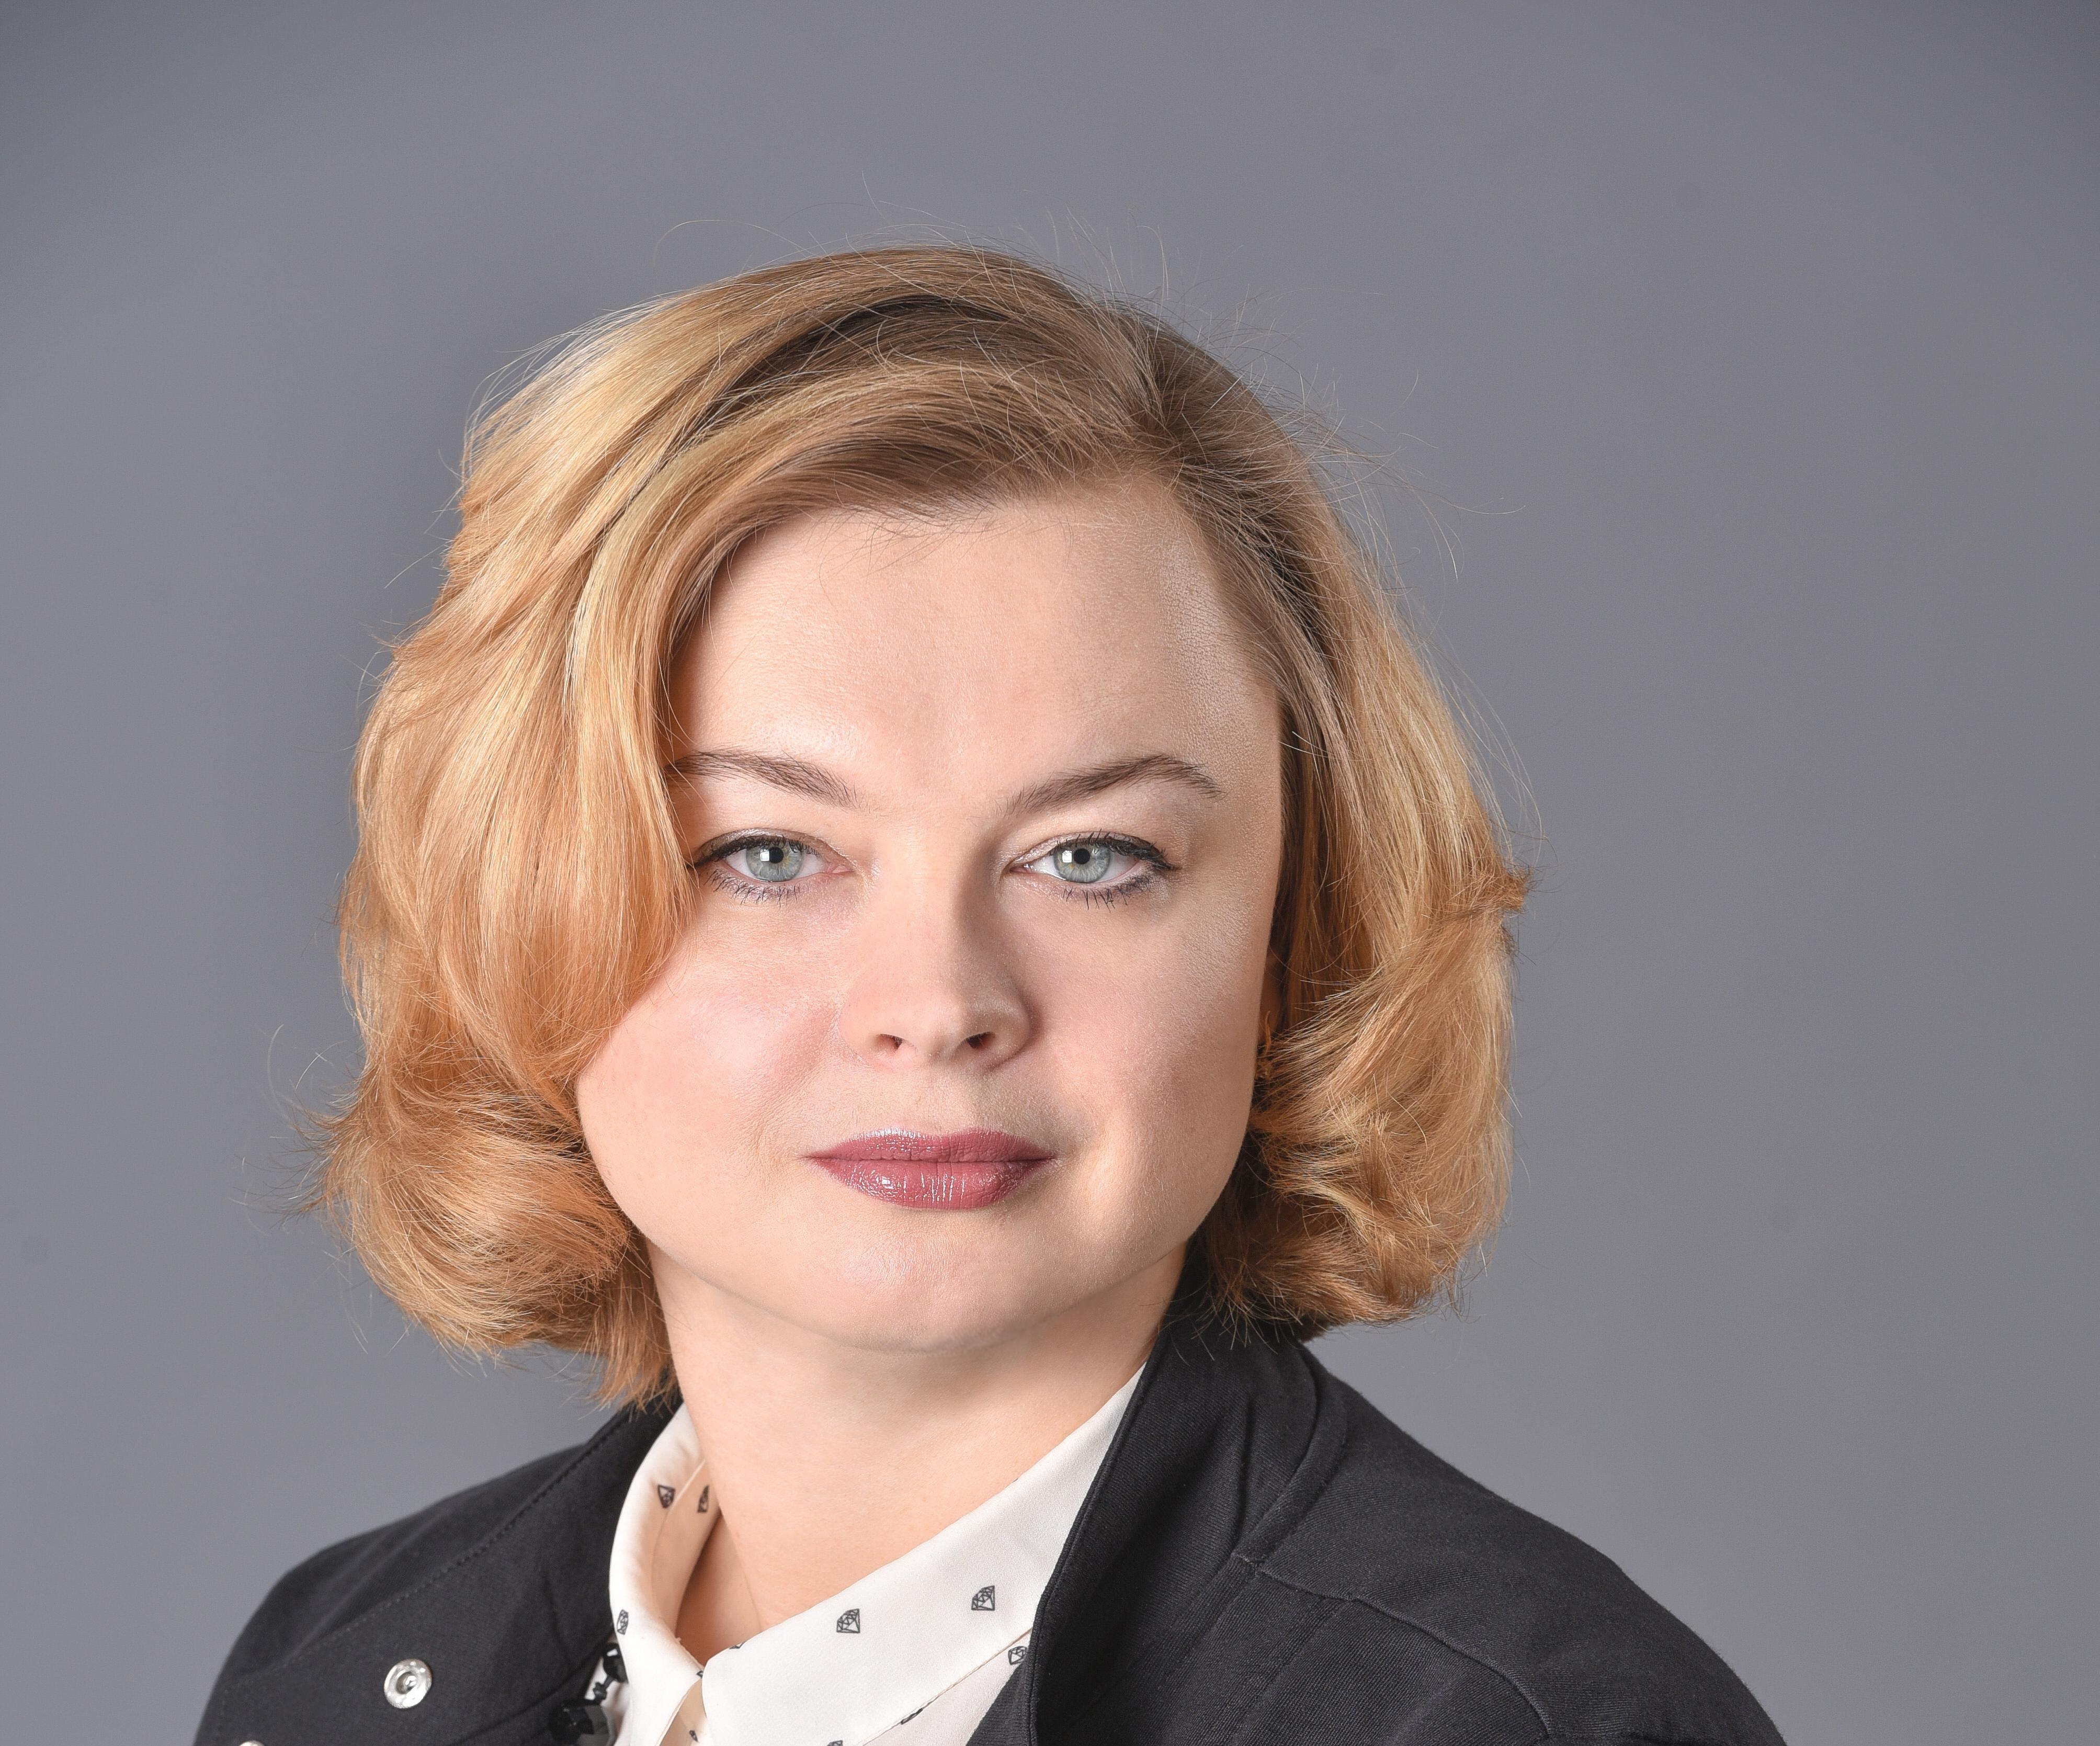 Анна Личман из АТБ: «Любой бизнес-процесс можно настроить как репутационный»